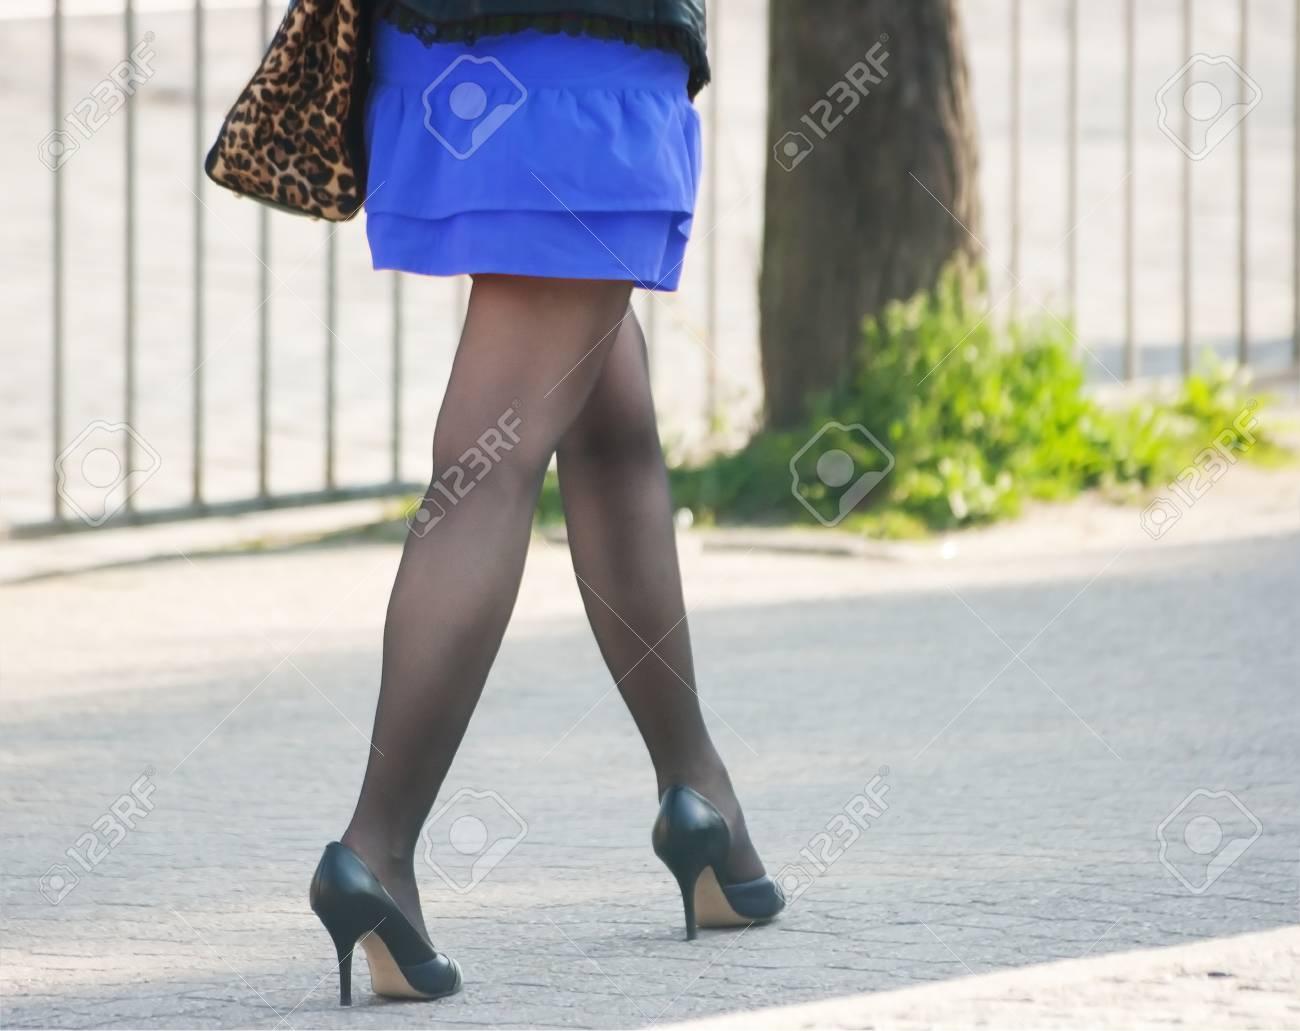 La En Caminando Negras Azul Una Y Mujer Medias Zapatos Falda Con qvwZzHA